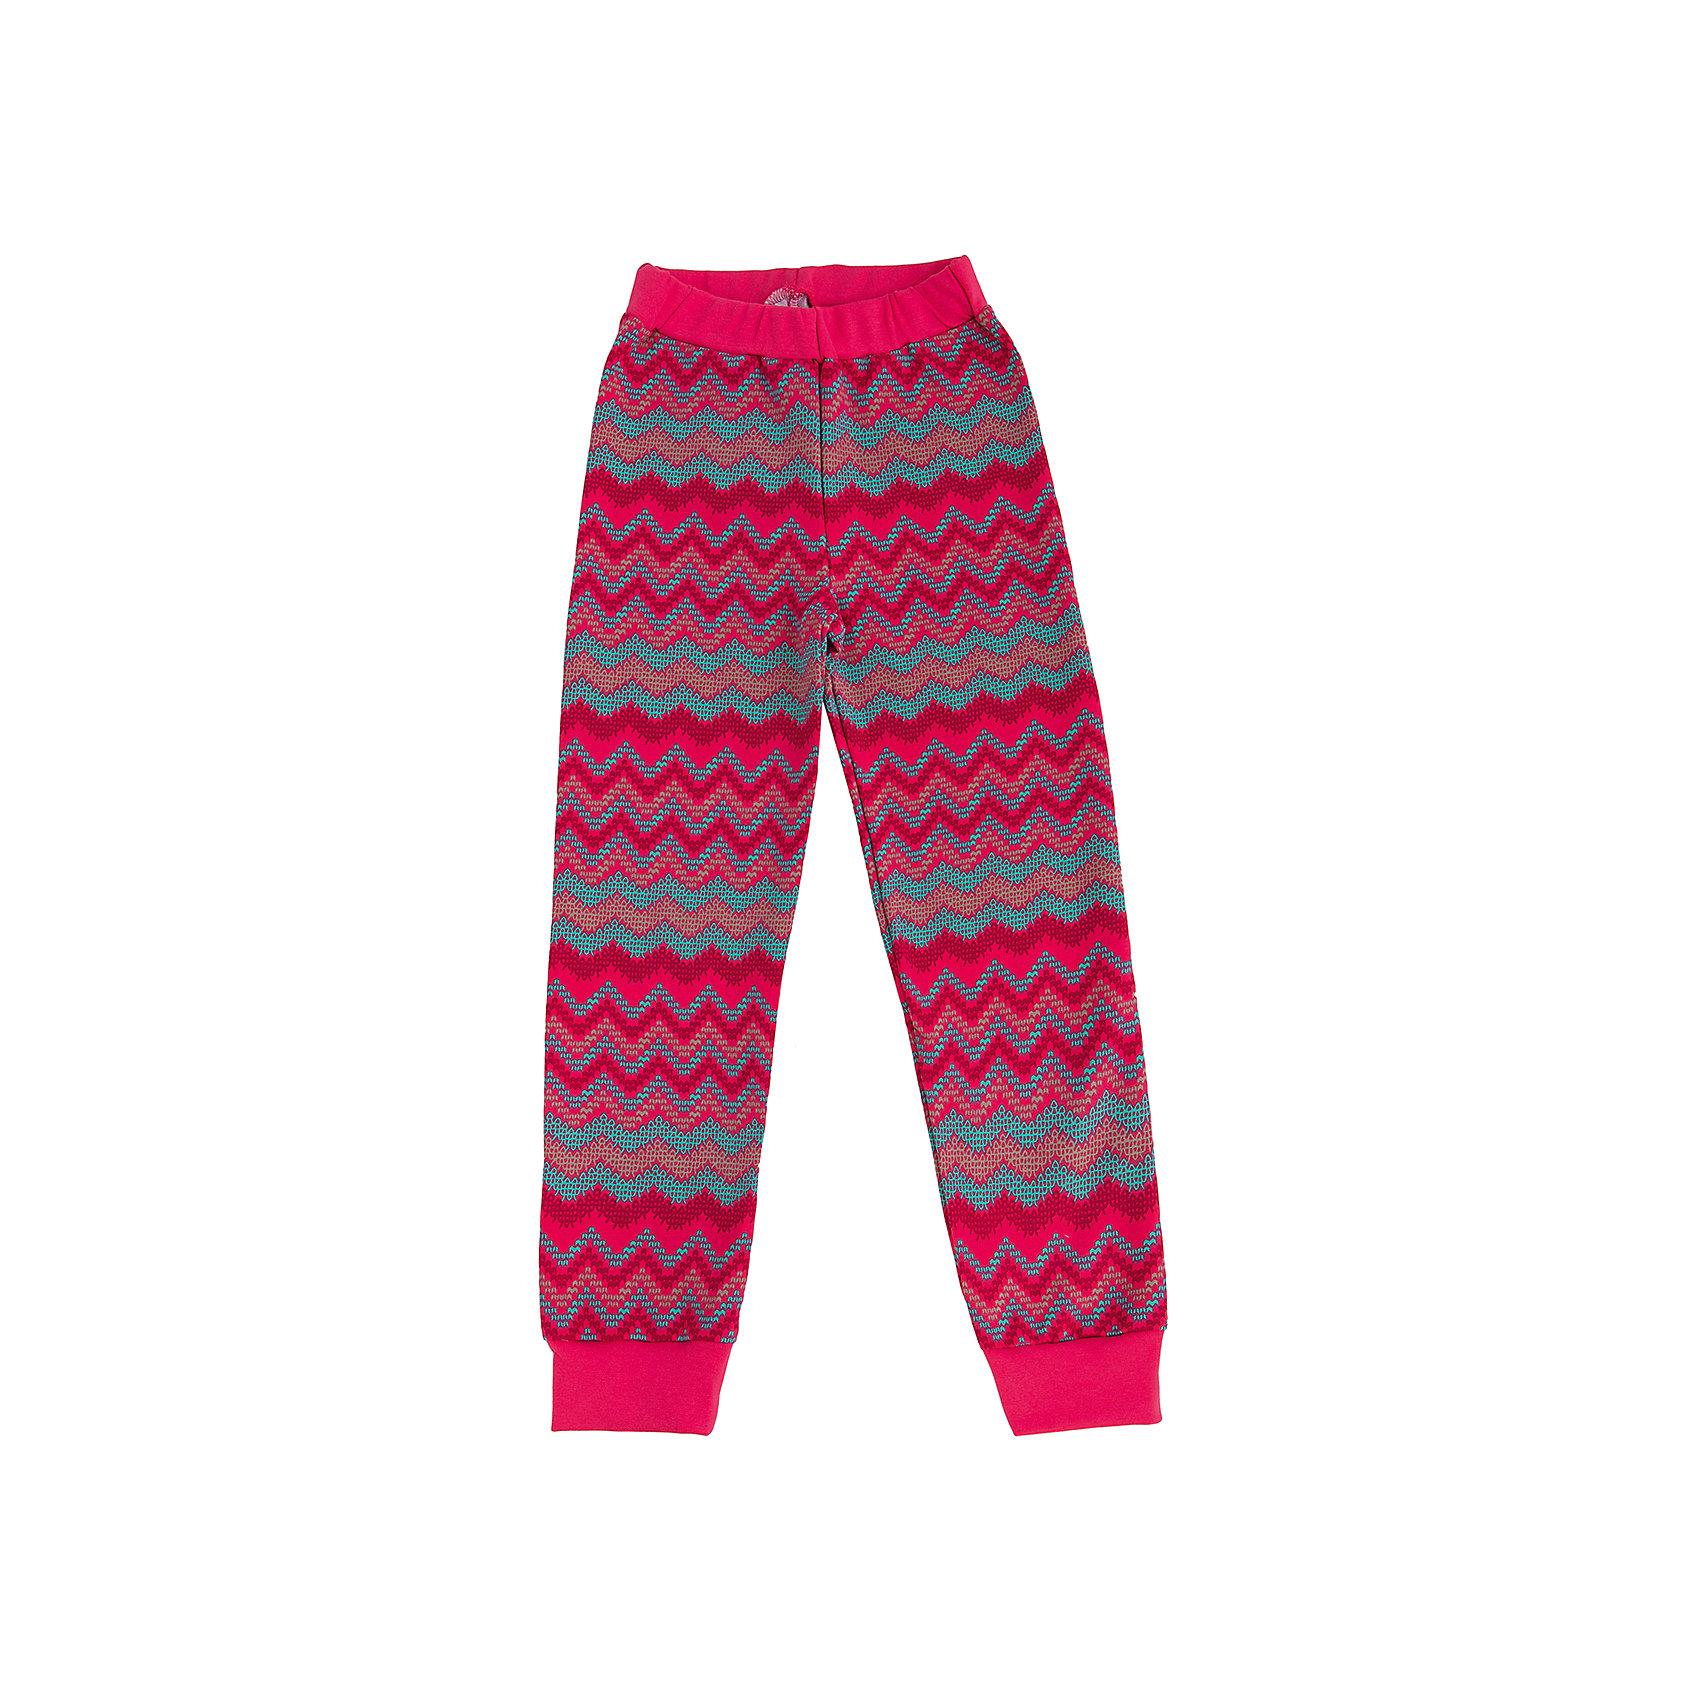 Брюки для девочки АпрельБрюки<br>Оригинальный дизайн и модная расцветка брюк для девочки от торговой марки  Апрель делают их просто незаменимым предметом детского гардероб.  Брюки имеют эластичный пояс, по низу манжеты, декорированы контрастными врезными карманами. <br><br>Дополнительная информация:<br> <br>- состав: 95% хлопок, 5% лайкра<br>- ткань: футер петельчатый<br>- цвет: коралловый  серый <br>- фирма-производитель: Апрель<br>- страна-производитель: Россия<br>- коллекция: Веселые совы<br><br>Брюки коллекции Веселые совы для девочки от торговой марки  Апрель можно купить в нашем интернет-магазине.<br><br>Ширина мм: 215<br>Глубина мм: 88<br>Высота мм: 191<br>Вес г: 336<br>Цвет: коралловый<br>Возраст от месяцев: 84<br>Возраст до месяцев: 96<br>Пол: Женский<br>Возраст: Детский<br>Размер: 128,104,98,92,122,110,116<br>SKU: 4630350